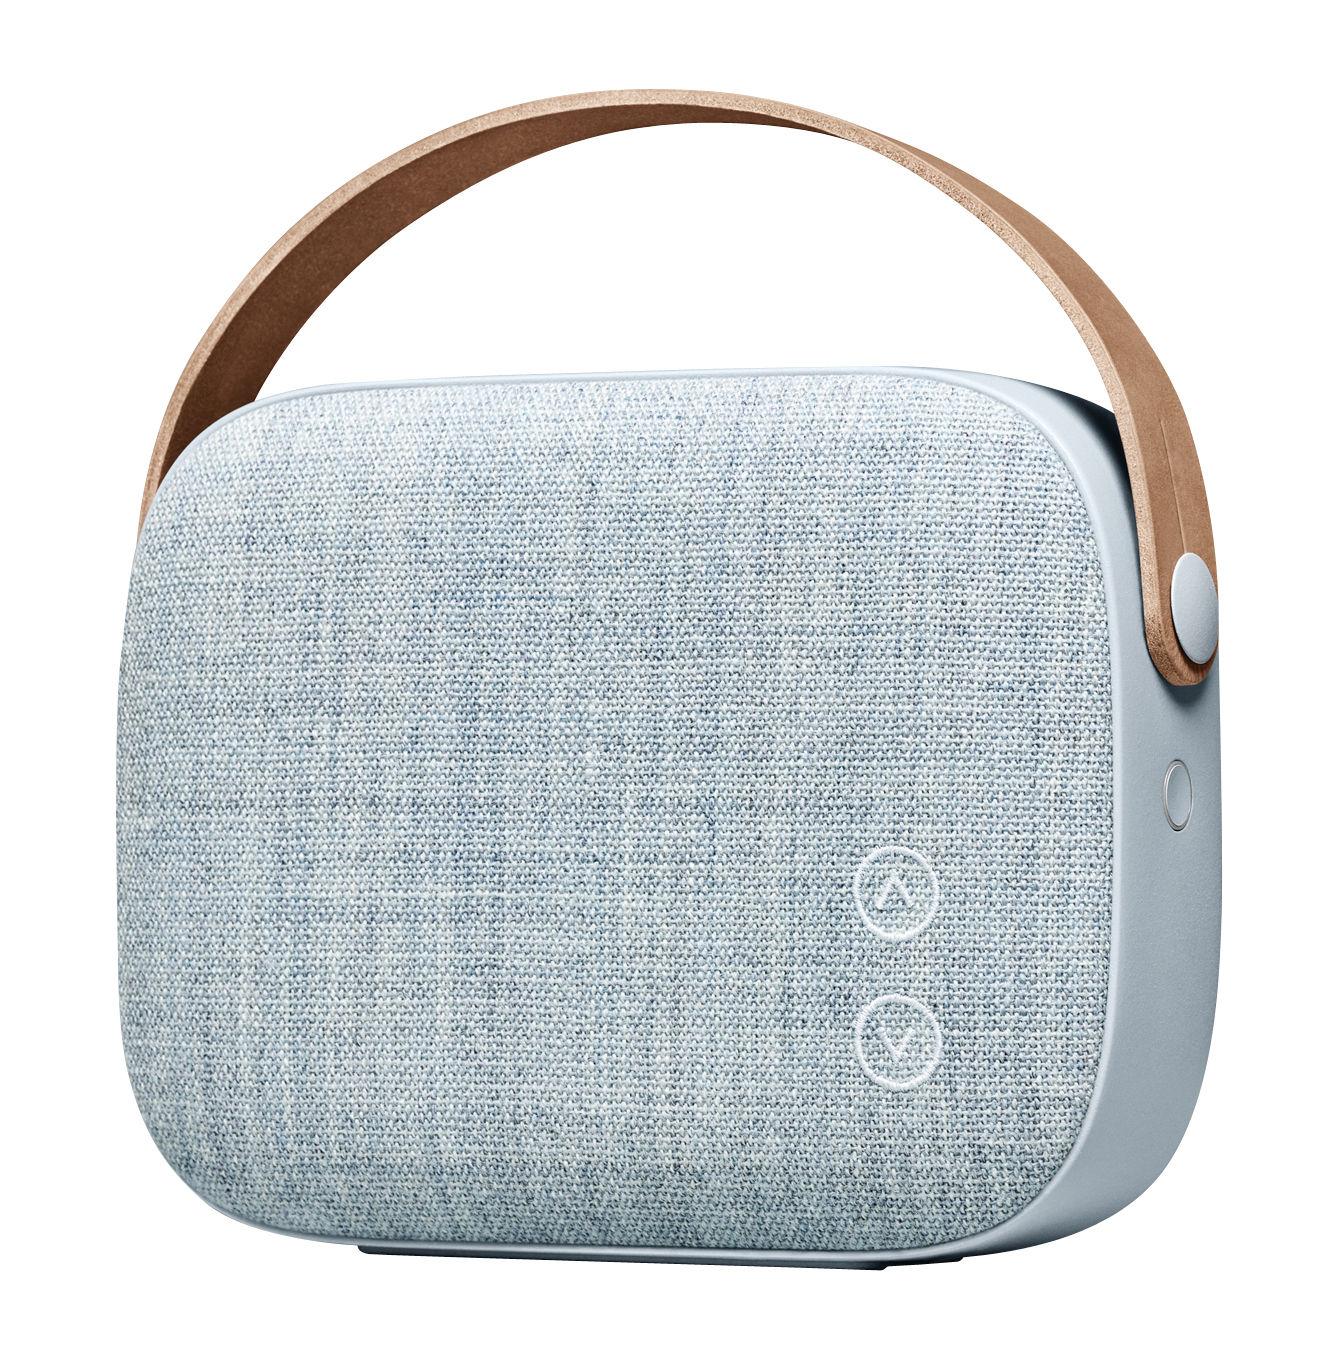 Accessories - Speakers & Audio - Helsinki Bluetooth speaker - Bluetooth / Fabric & leather by Vifa - Blue - Aluminium, Kvadrat fabric, Leather